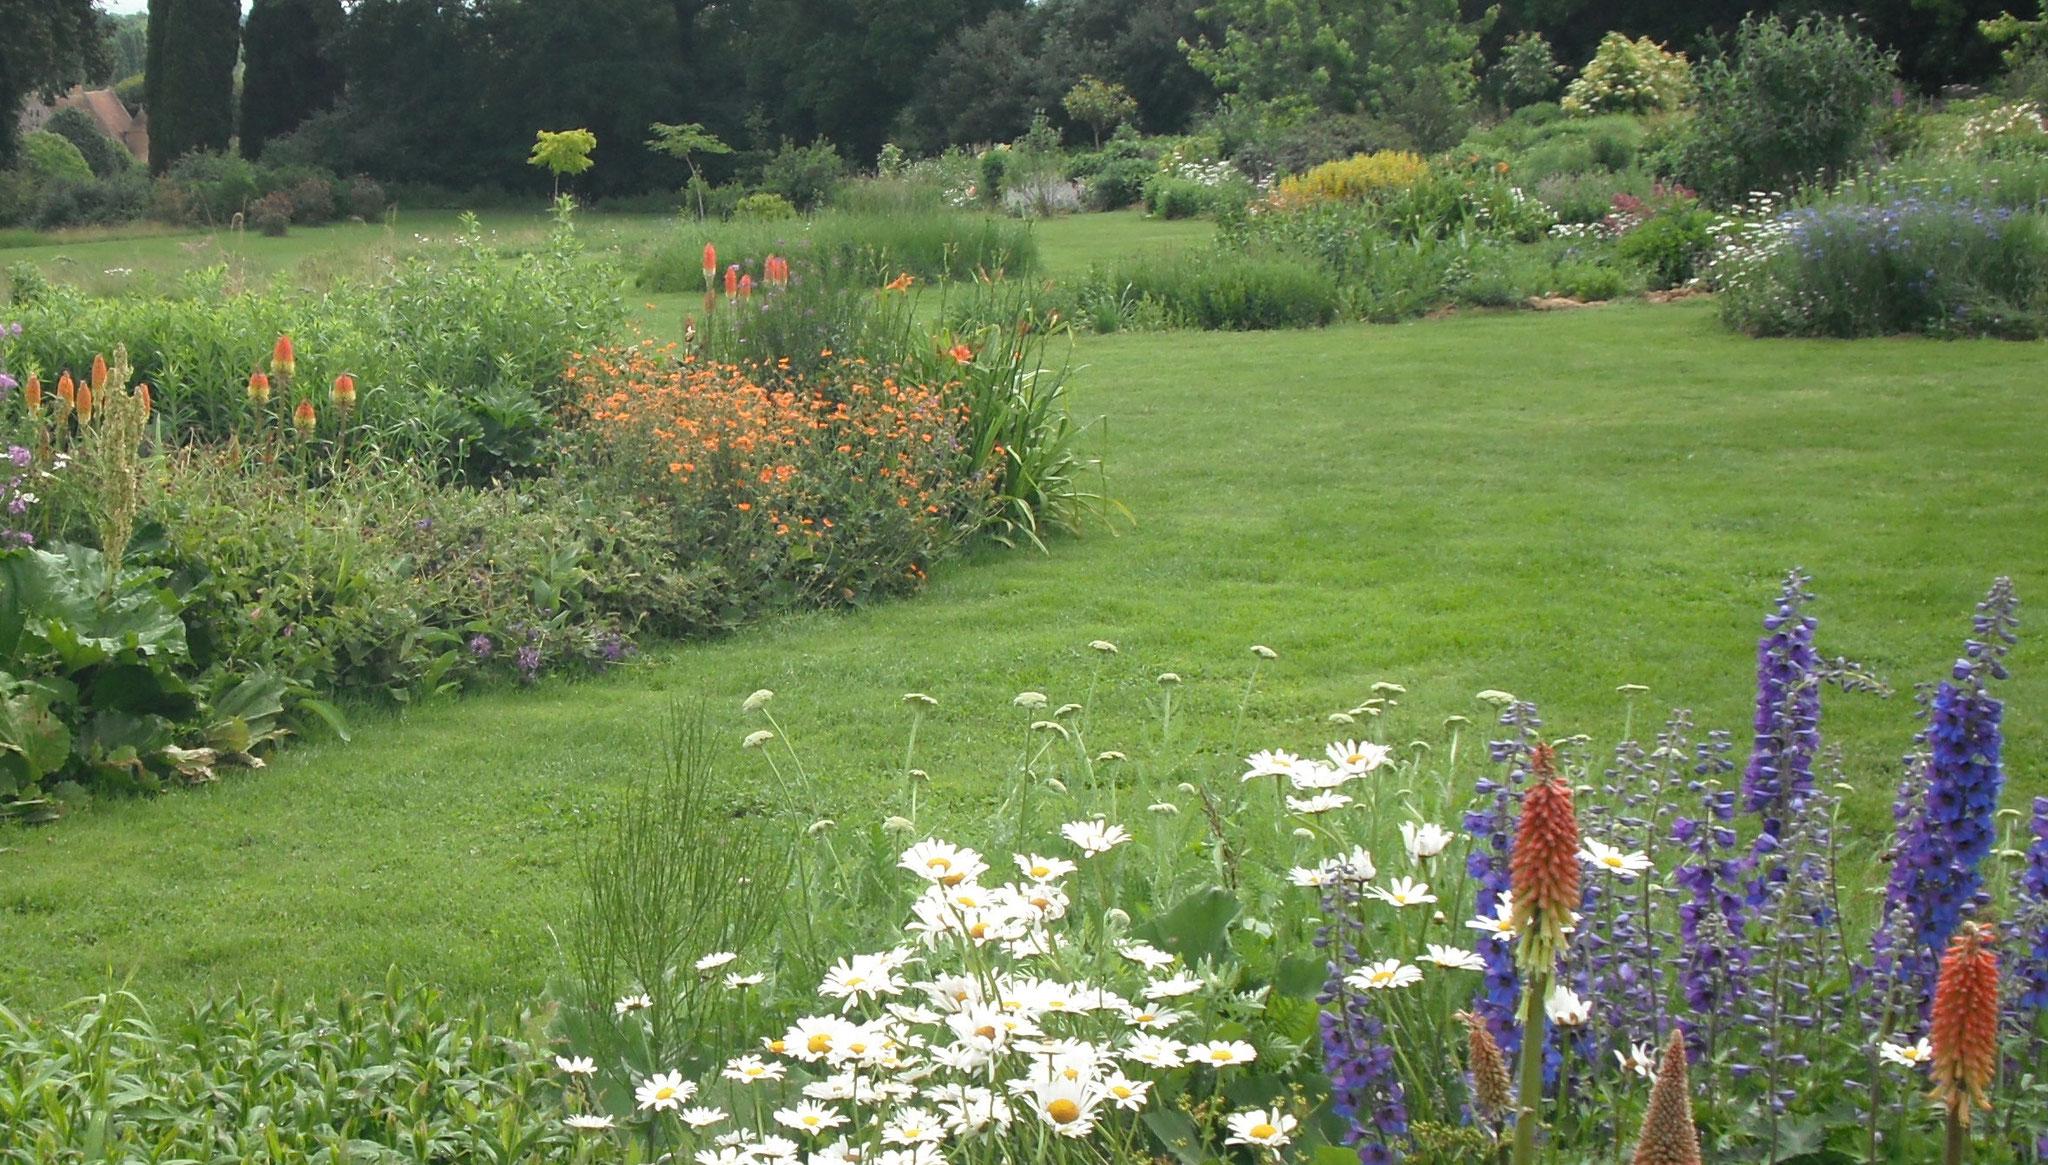 Jardin Mosaique Asnières Sur Vègre - Lejardinmosaique/ecologique avec Jardins Écologiques